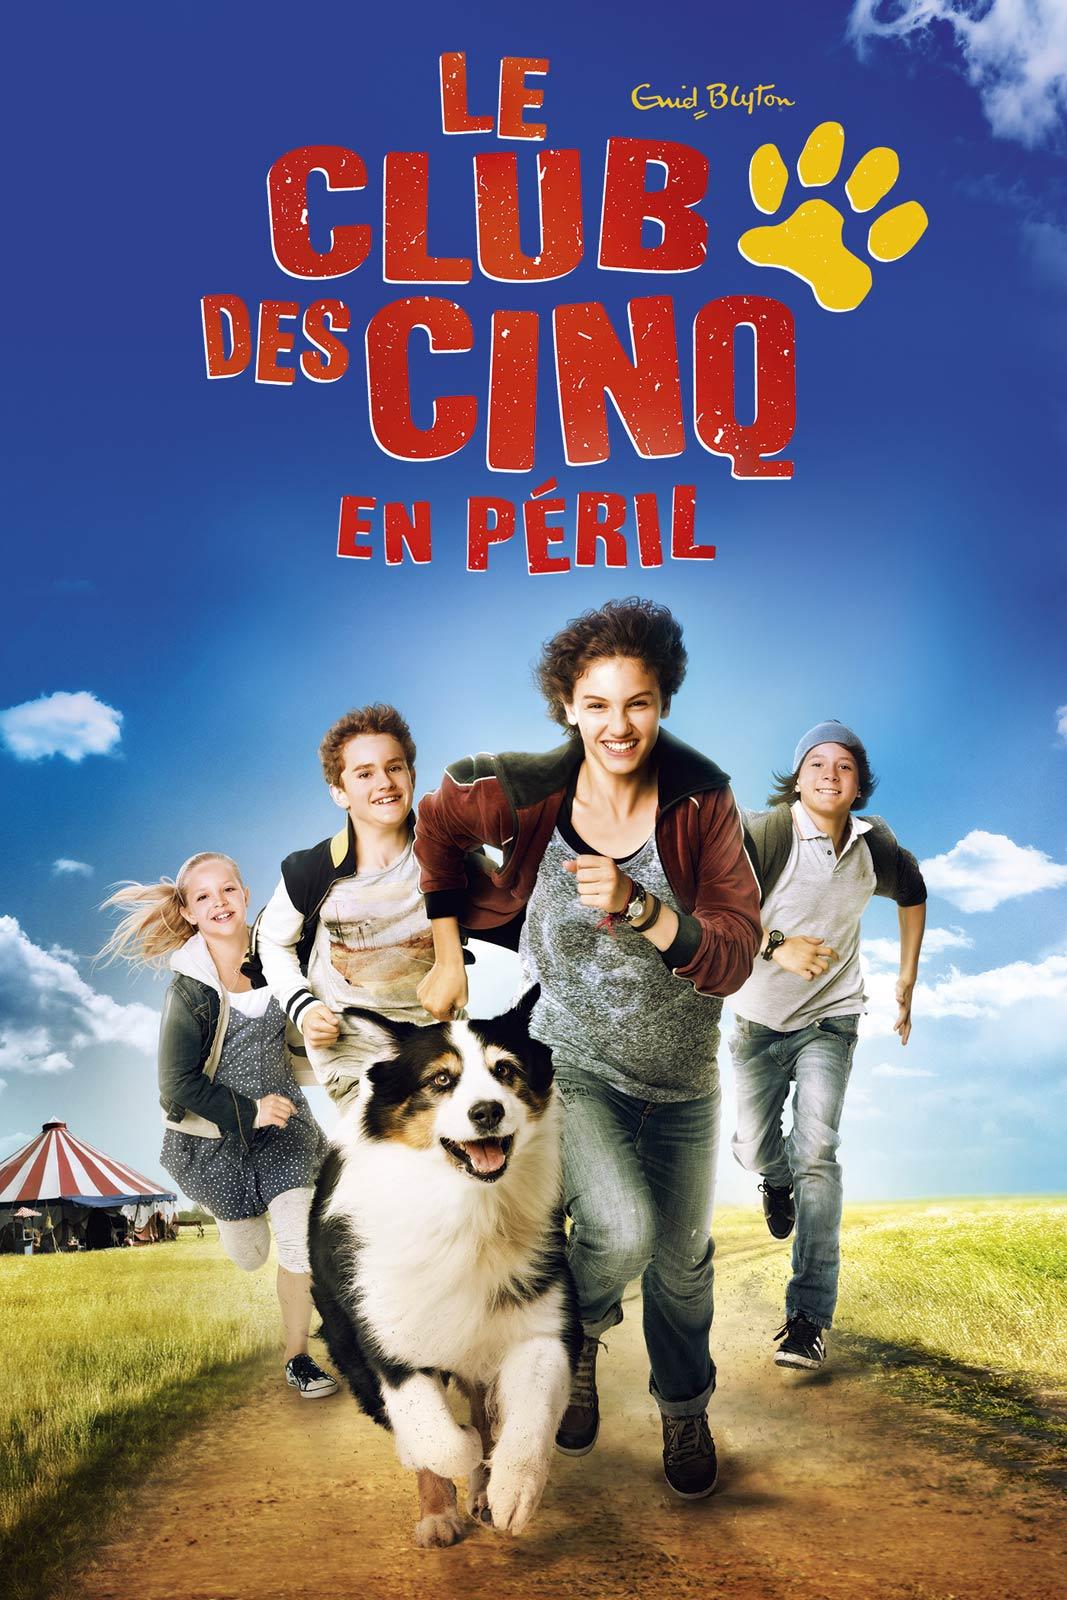 Le Club Des 5 Film : Achat, Péril, AlloCiné